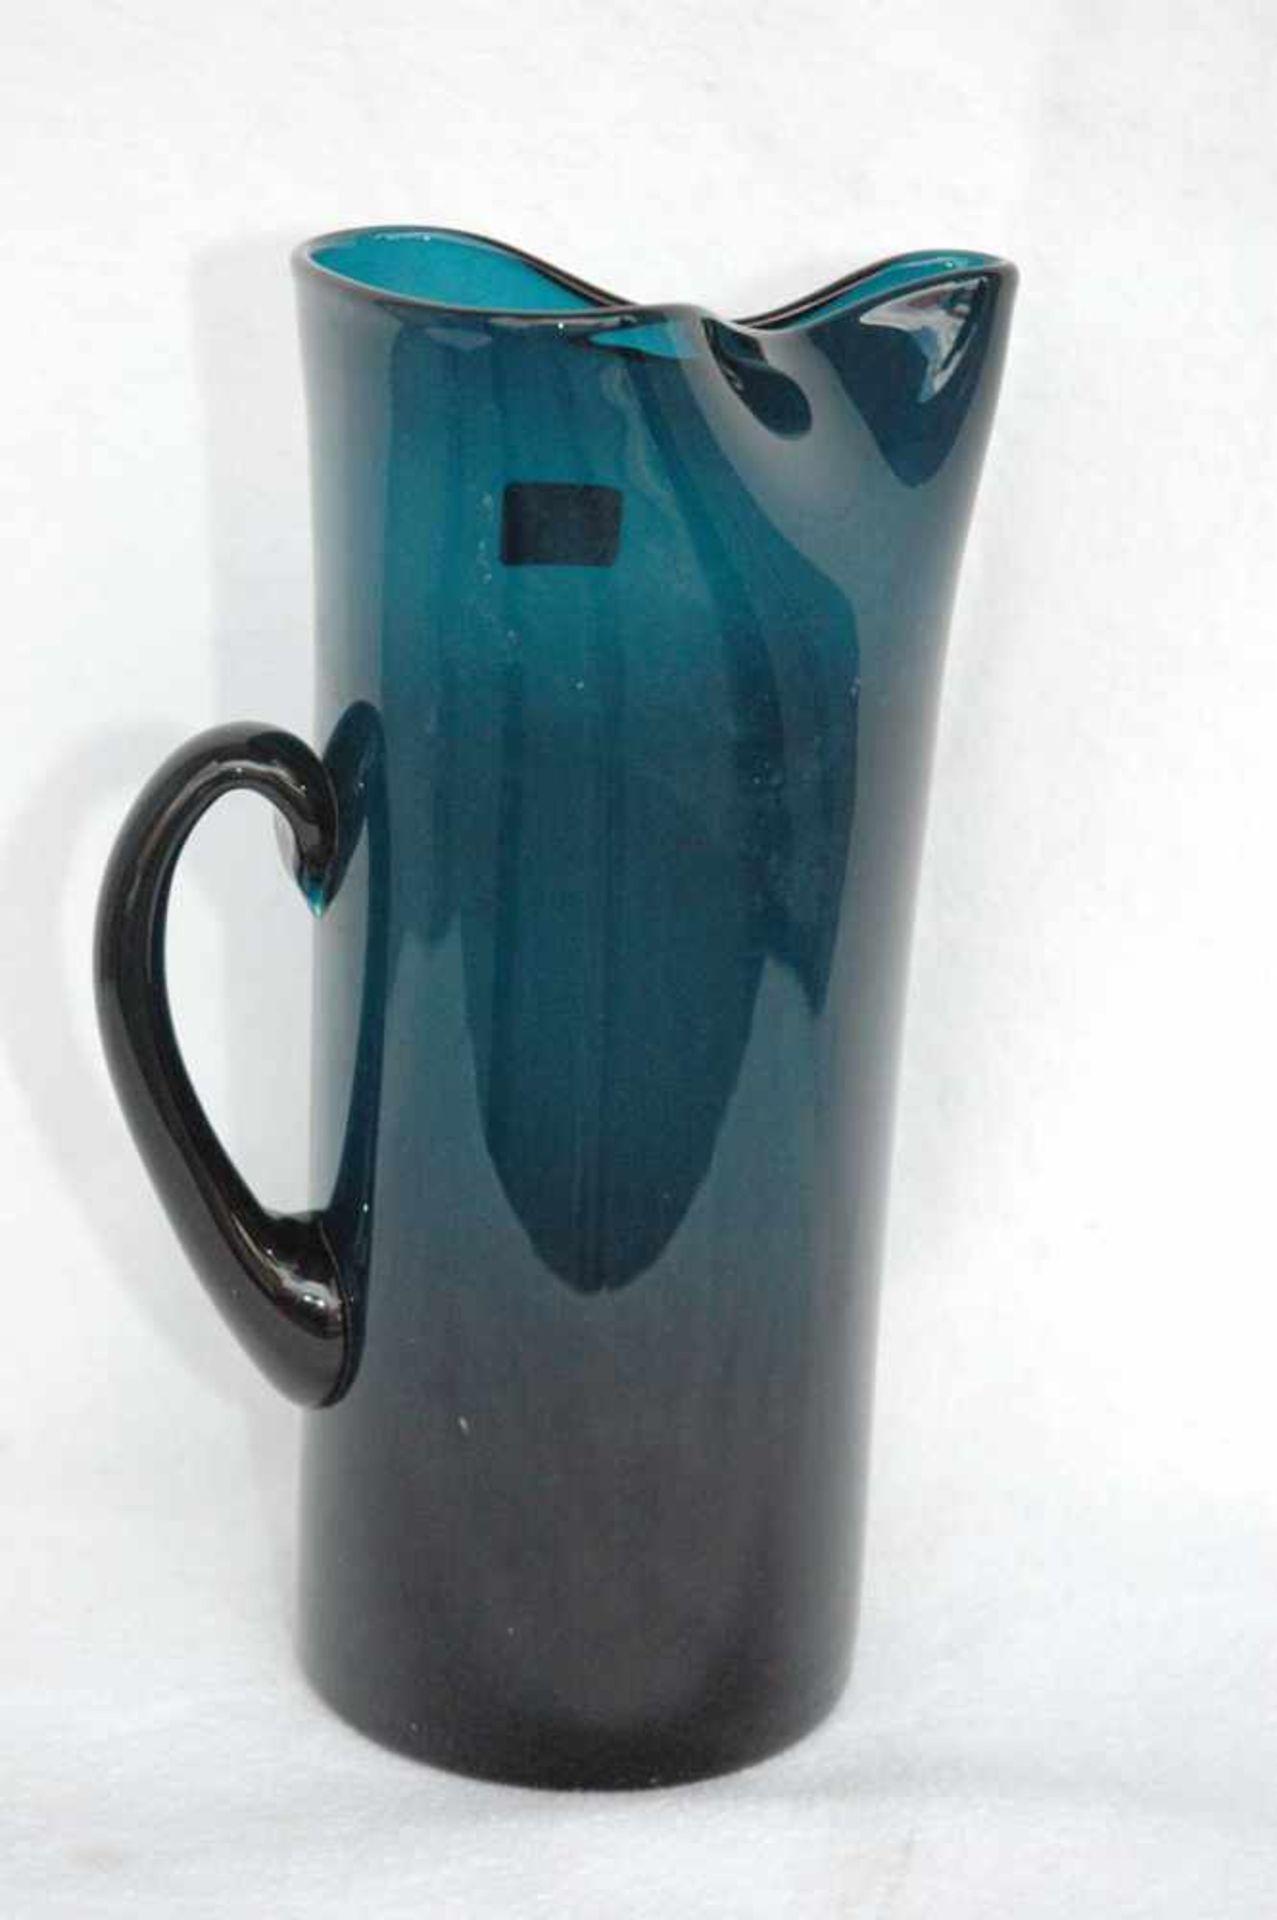 Blaue Glaskanne, Abriß ausgeschliffen, Günche gedrückte Form, h= 25 cm